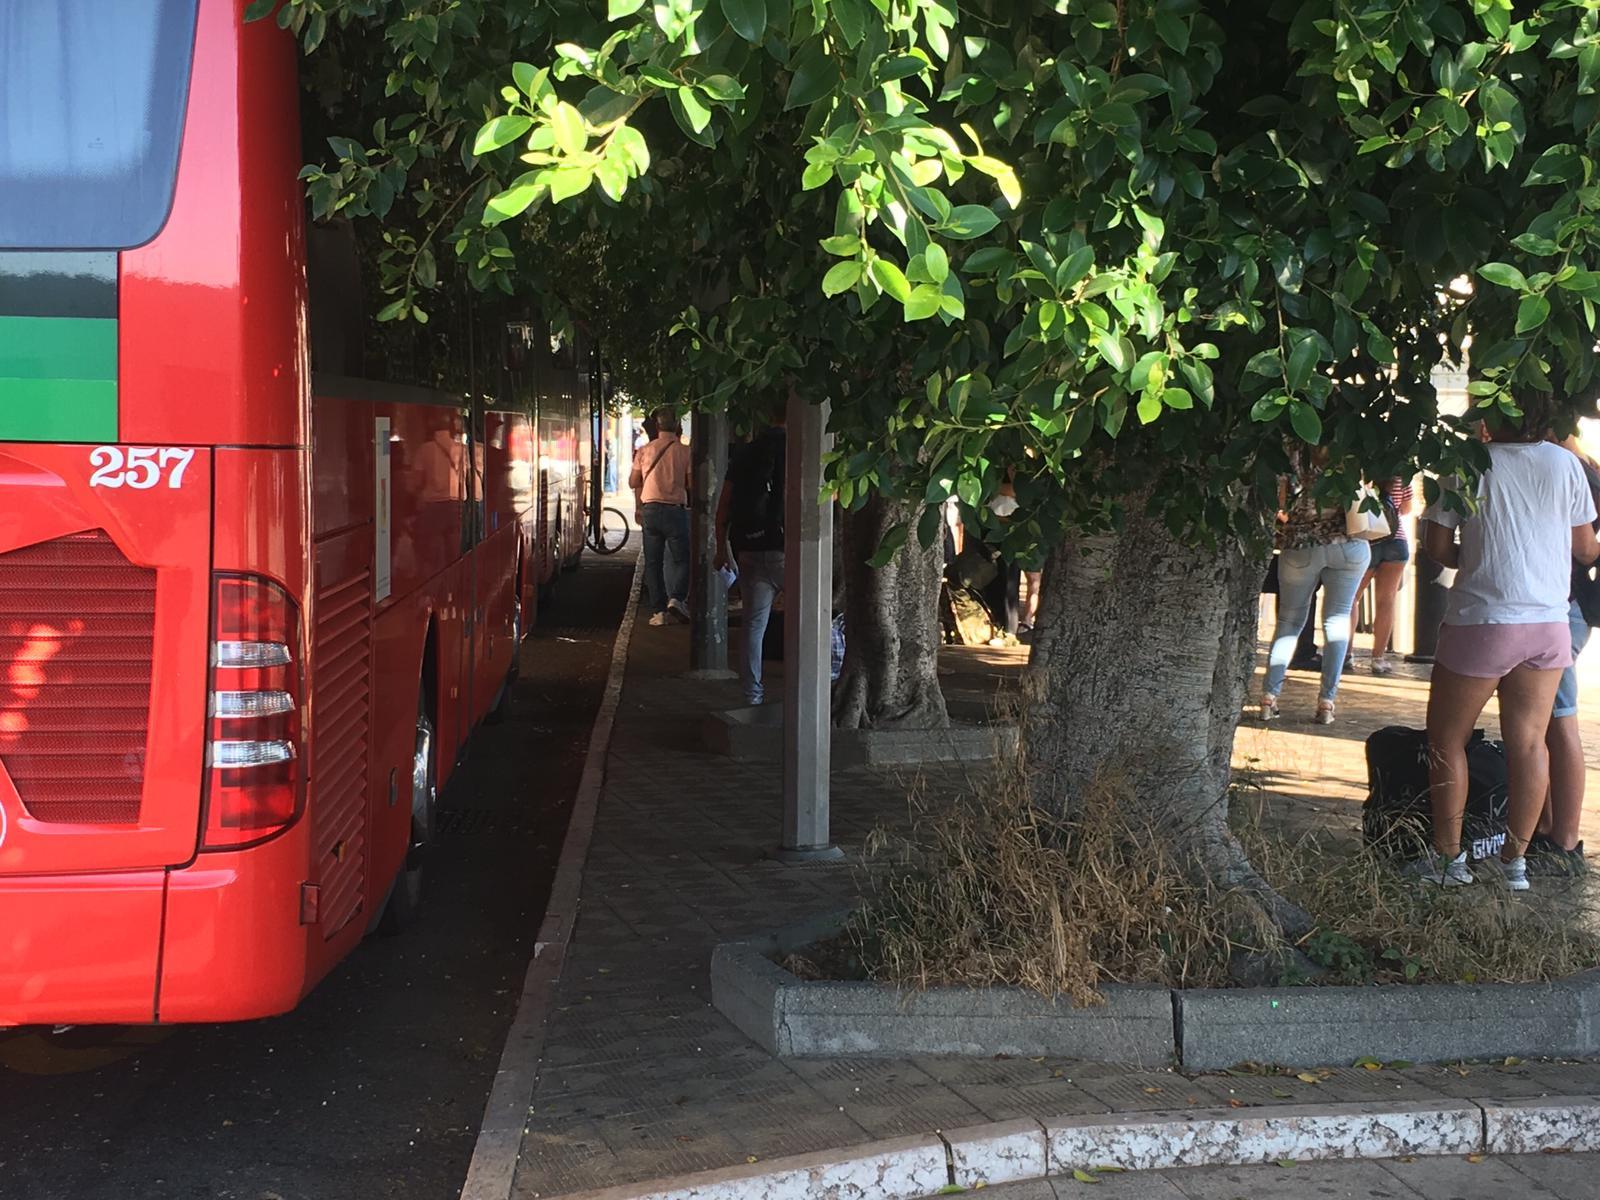 Potatura alberi, da domani interventi nel perimetro della stazione